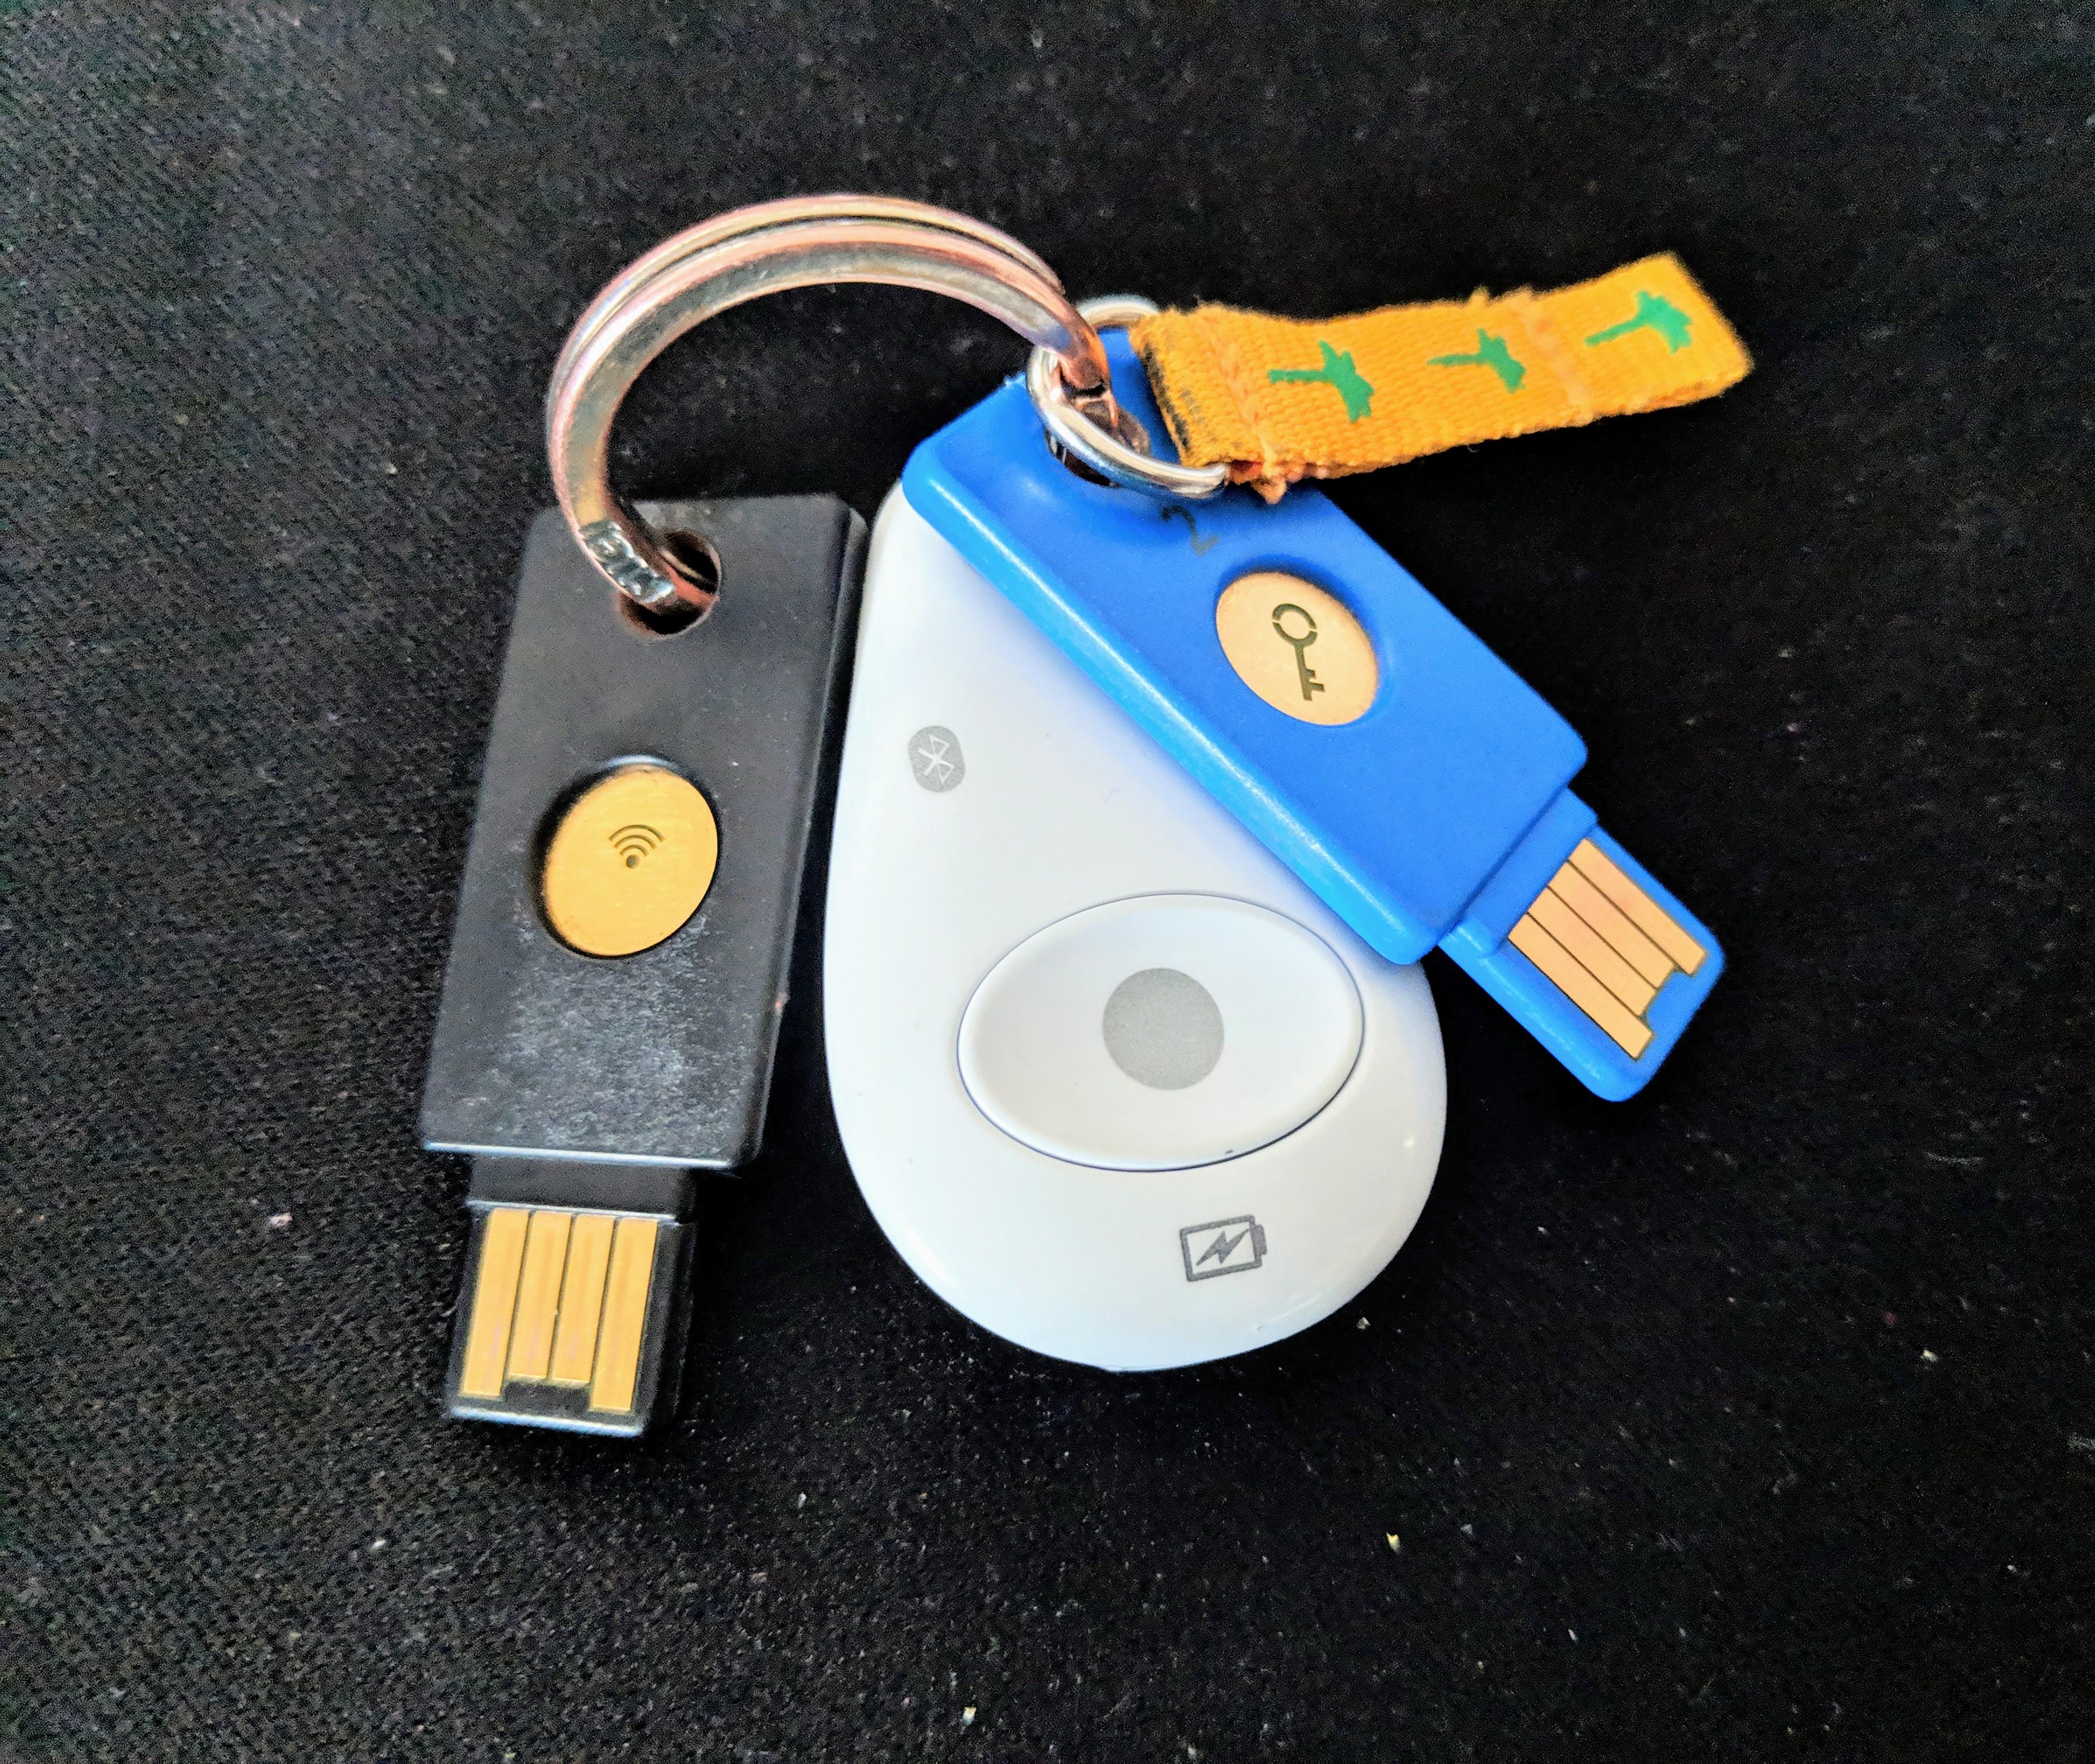 Fido-Keys in drei Ausführungen: 2x USB, 1x NFC, 1x Bluetooth - demnächst auch in Deinem Browser!